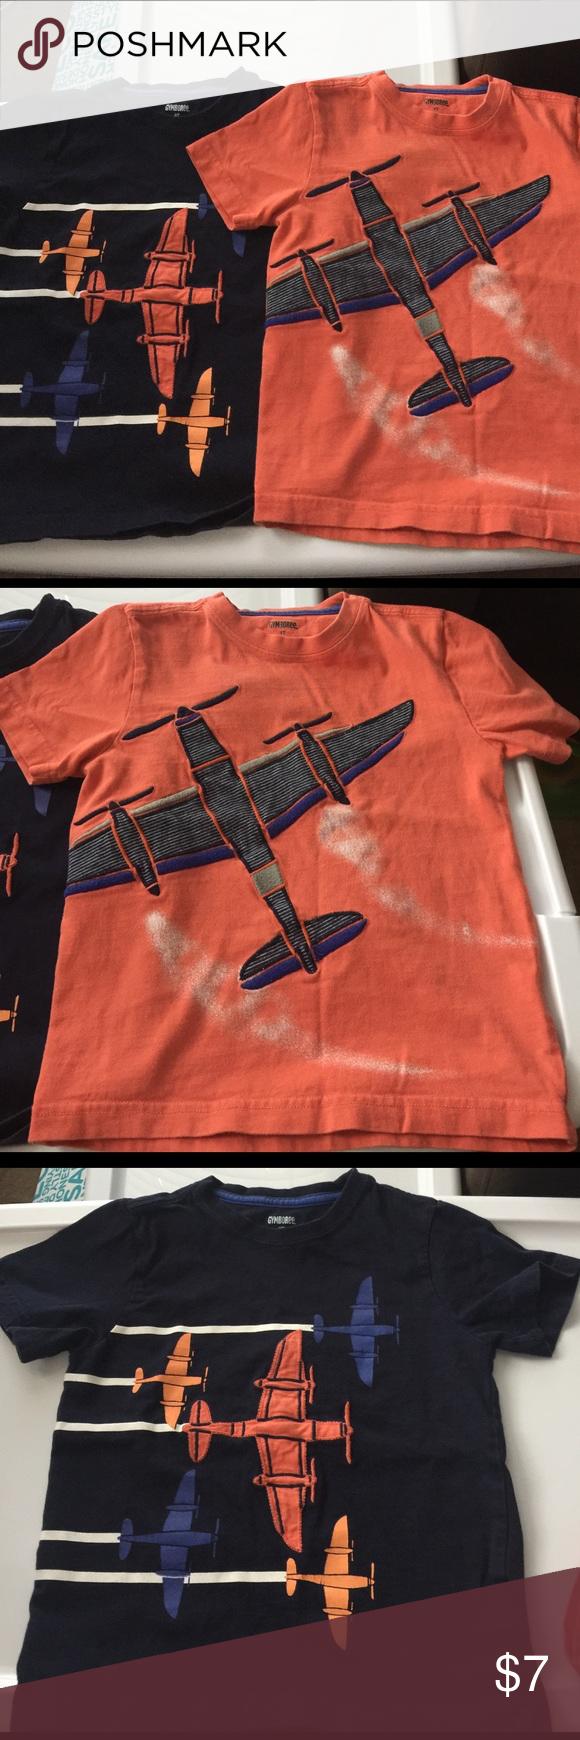 2 gymboree boys 3t t shirts airplane prints gymboree